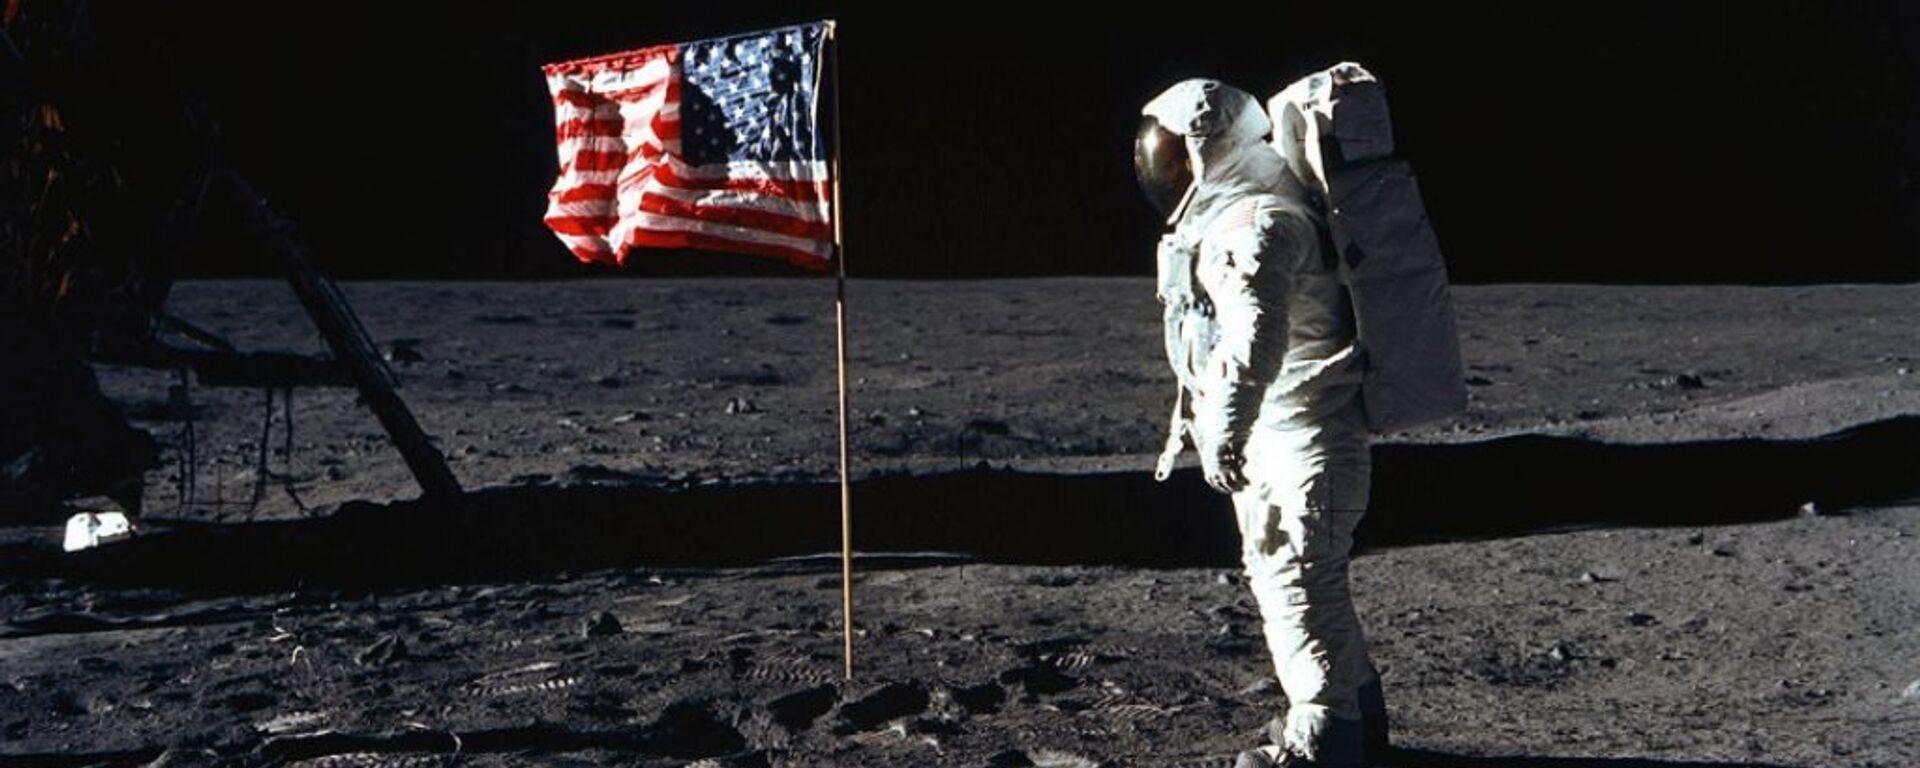 46 yıl önce Ay'da böyle yürüdüler - Sputnik Türkiye, 1920, 10.08.2021